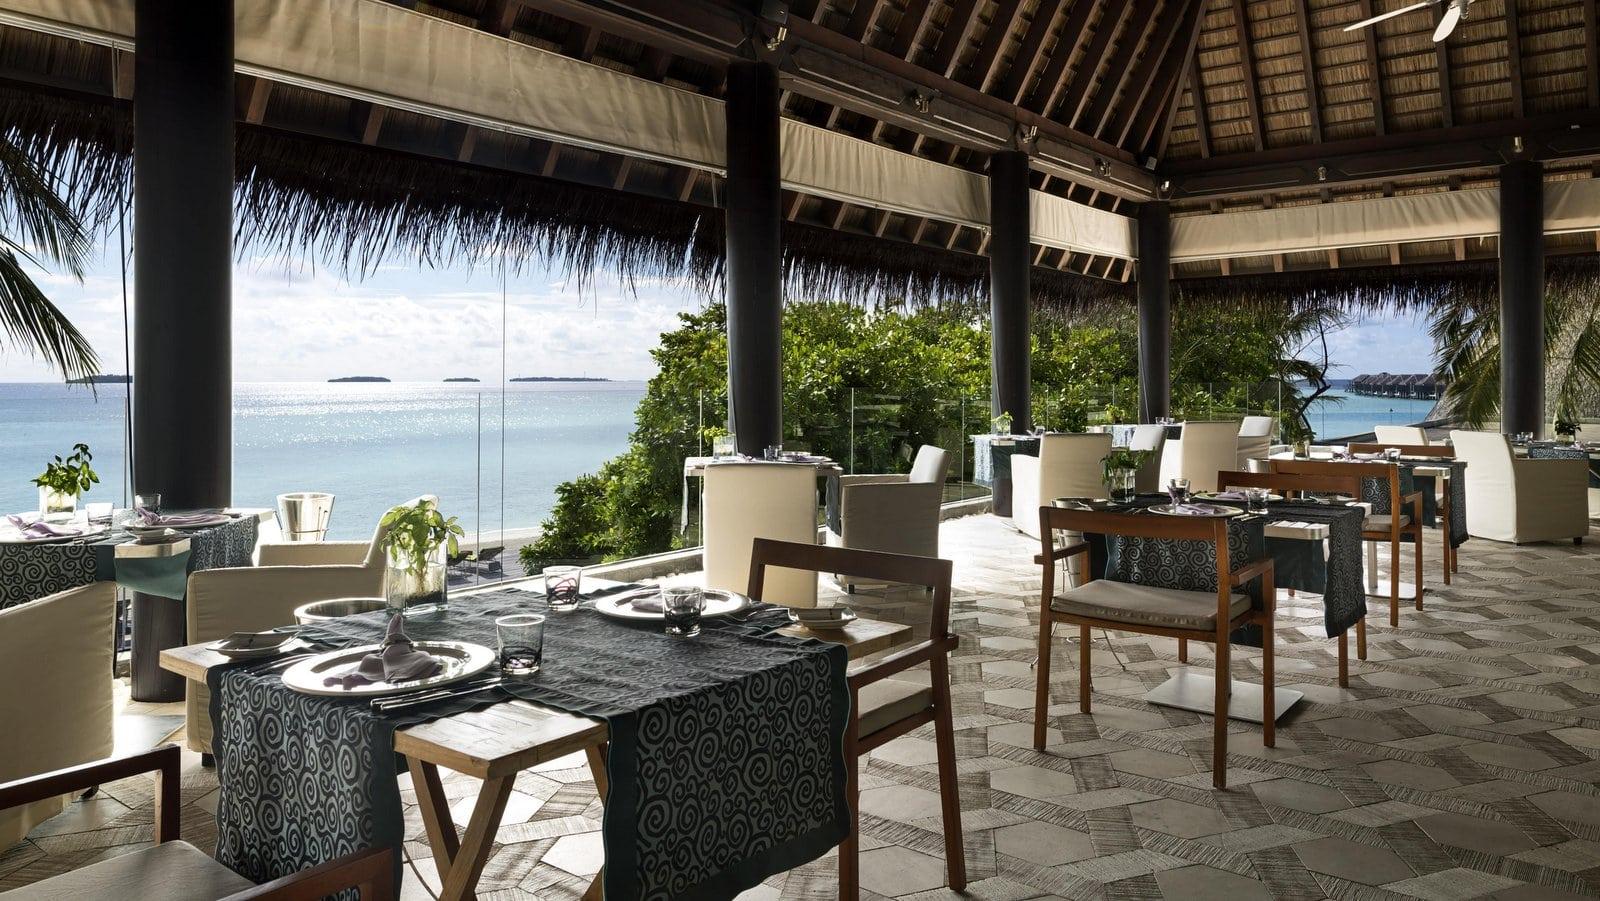 Мальдивы, отель Anantara Kihavah Maldives Villas, ресторан Manzaru